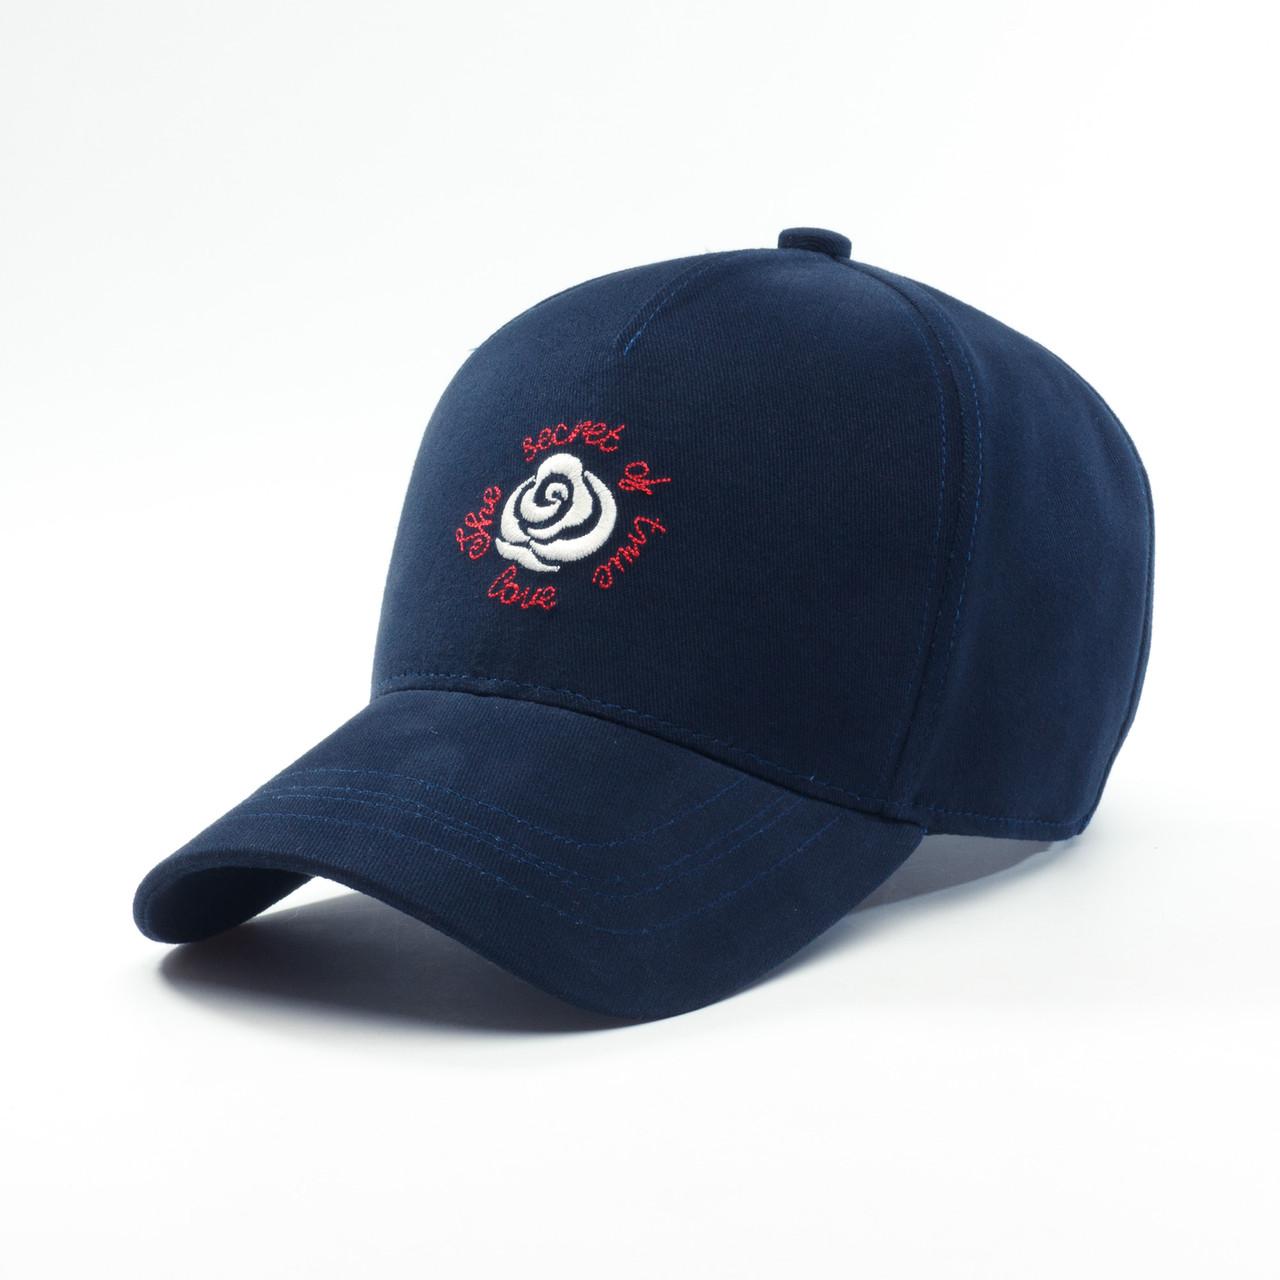 Детская кепка бейсболка для девочки 3-16 лет INAL rose XS / 51-52 RU Синий 241551